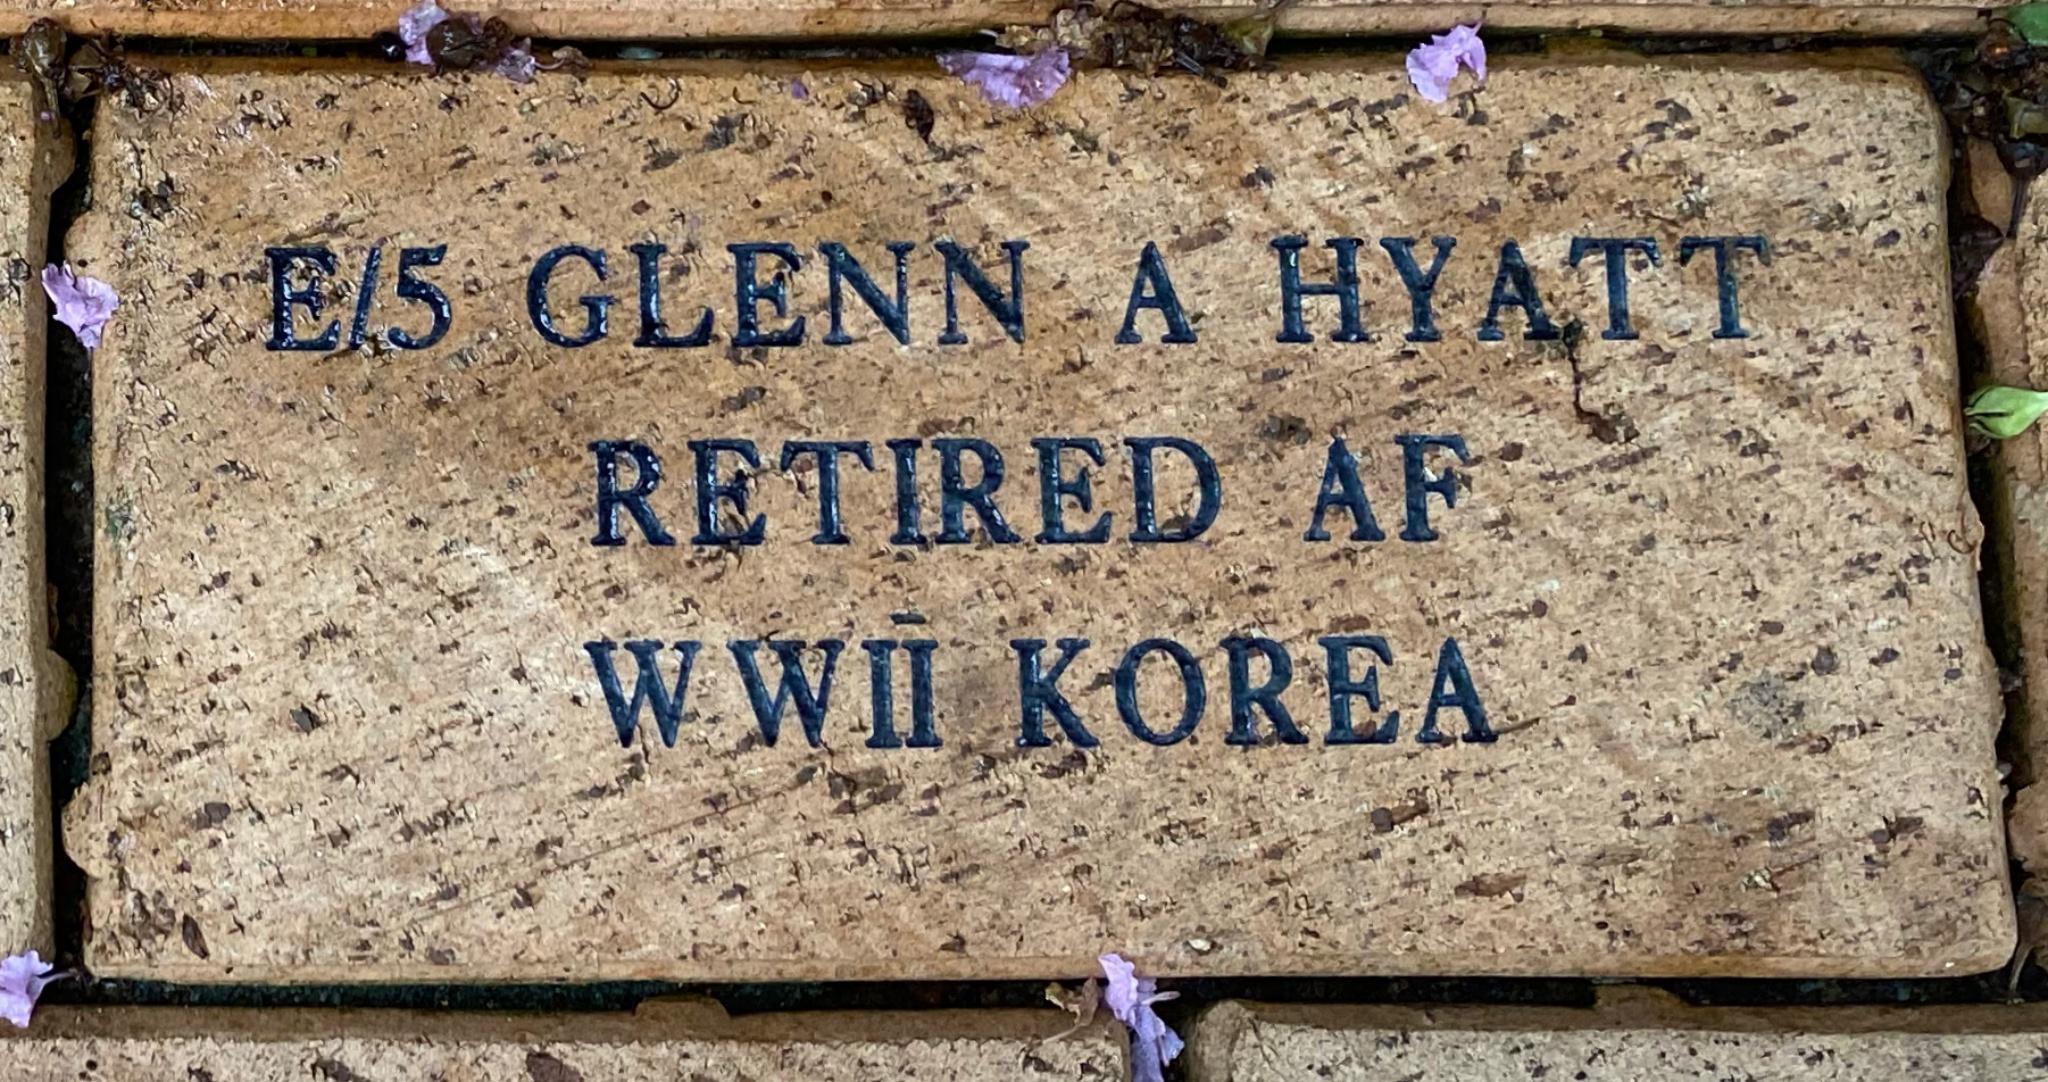 E/5 GLENN A HYATT RETIRED AF WWII KOREA